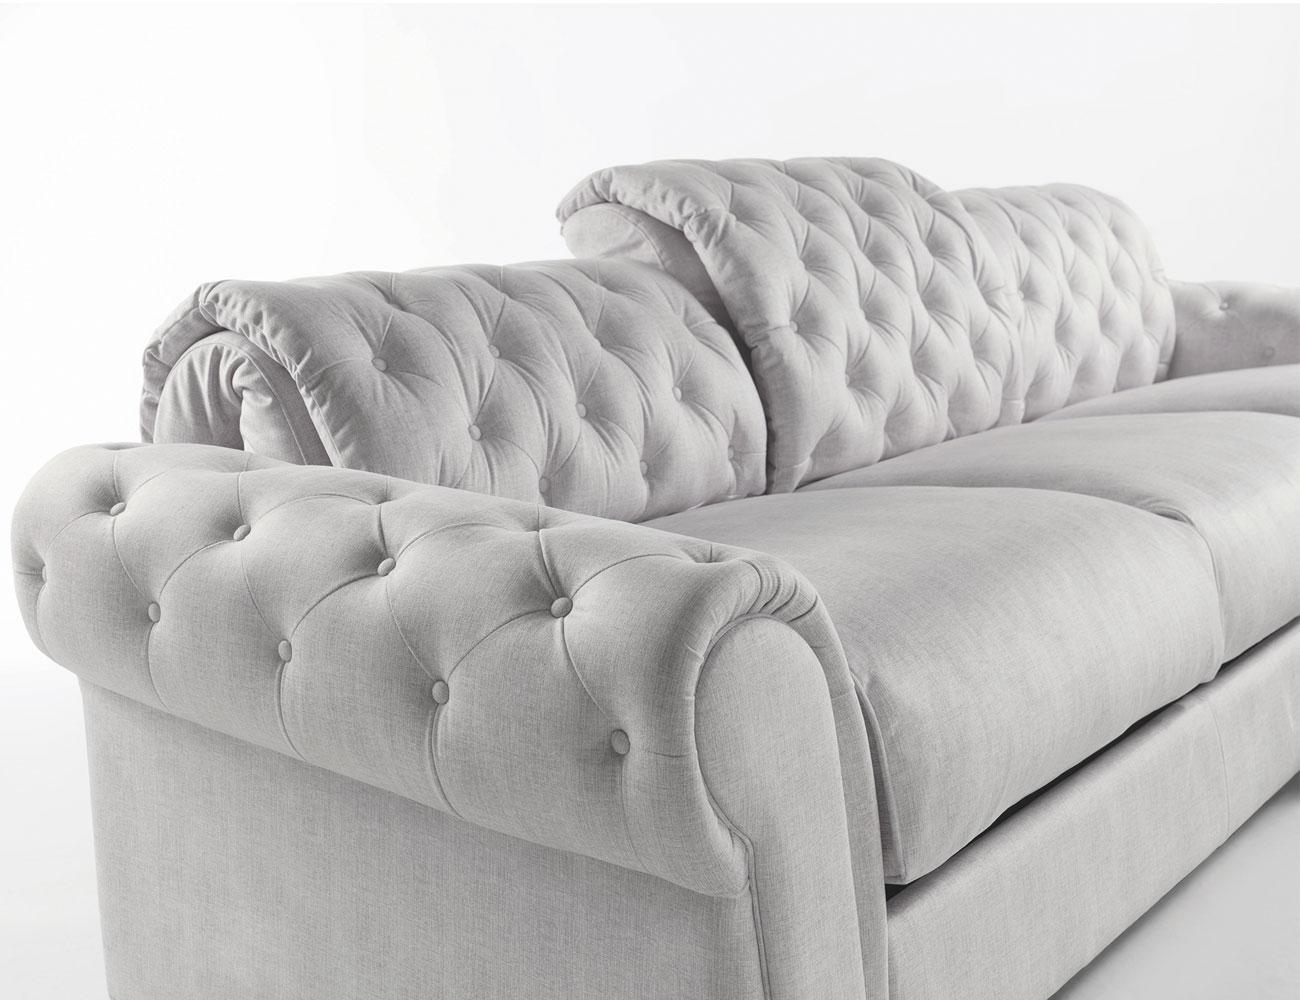 Sofa chaiselongue gran lujo decorativo capitone blanco tela 136